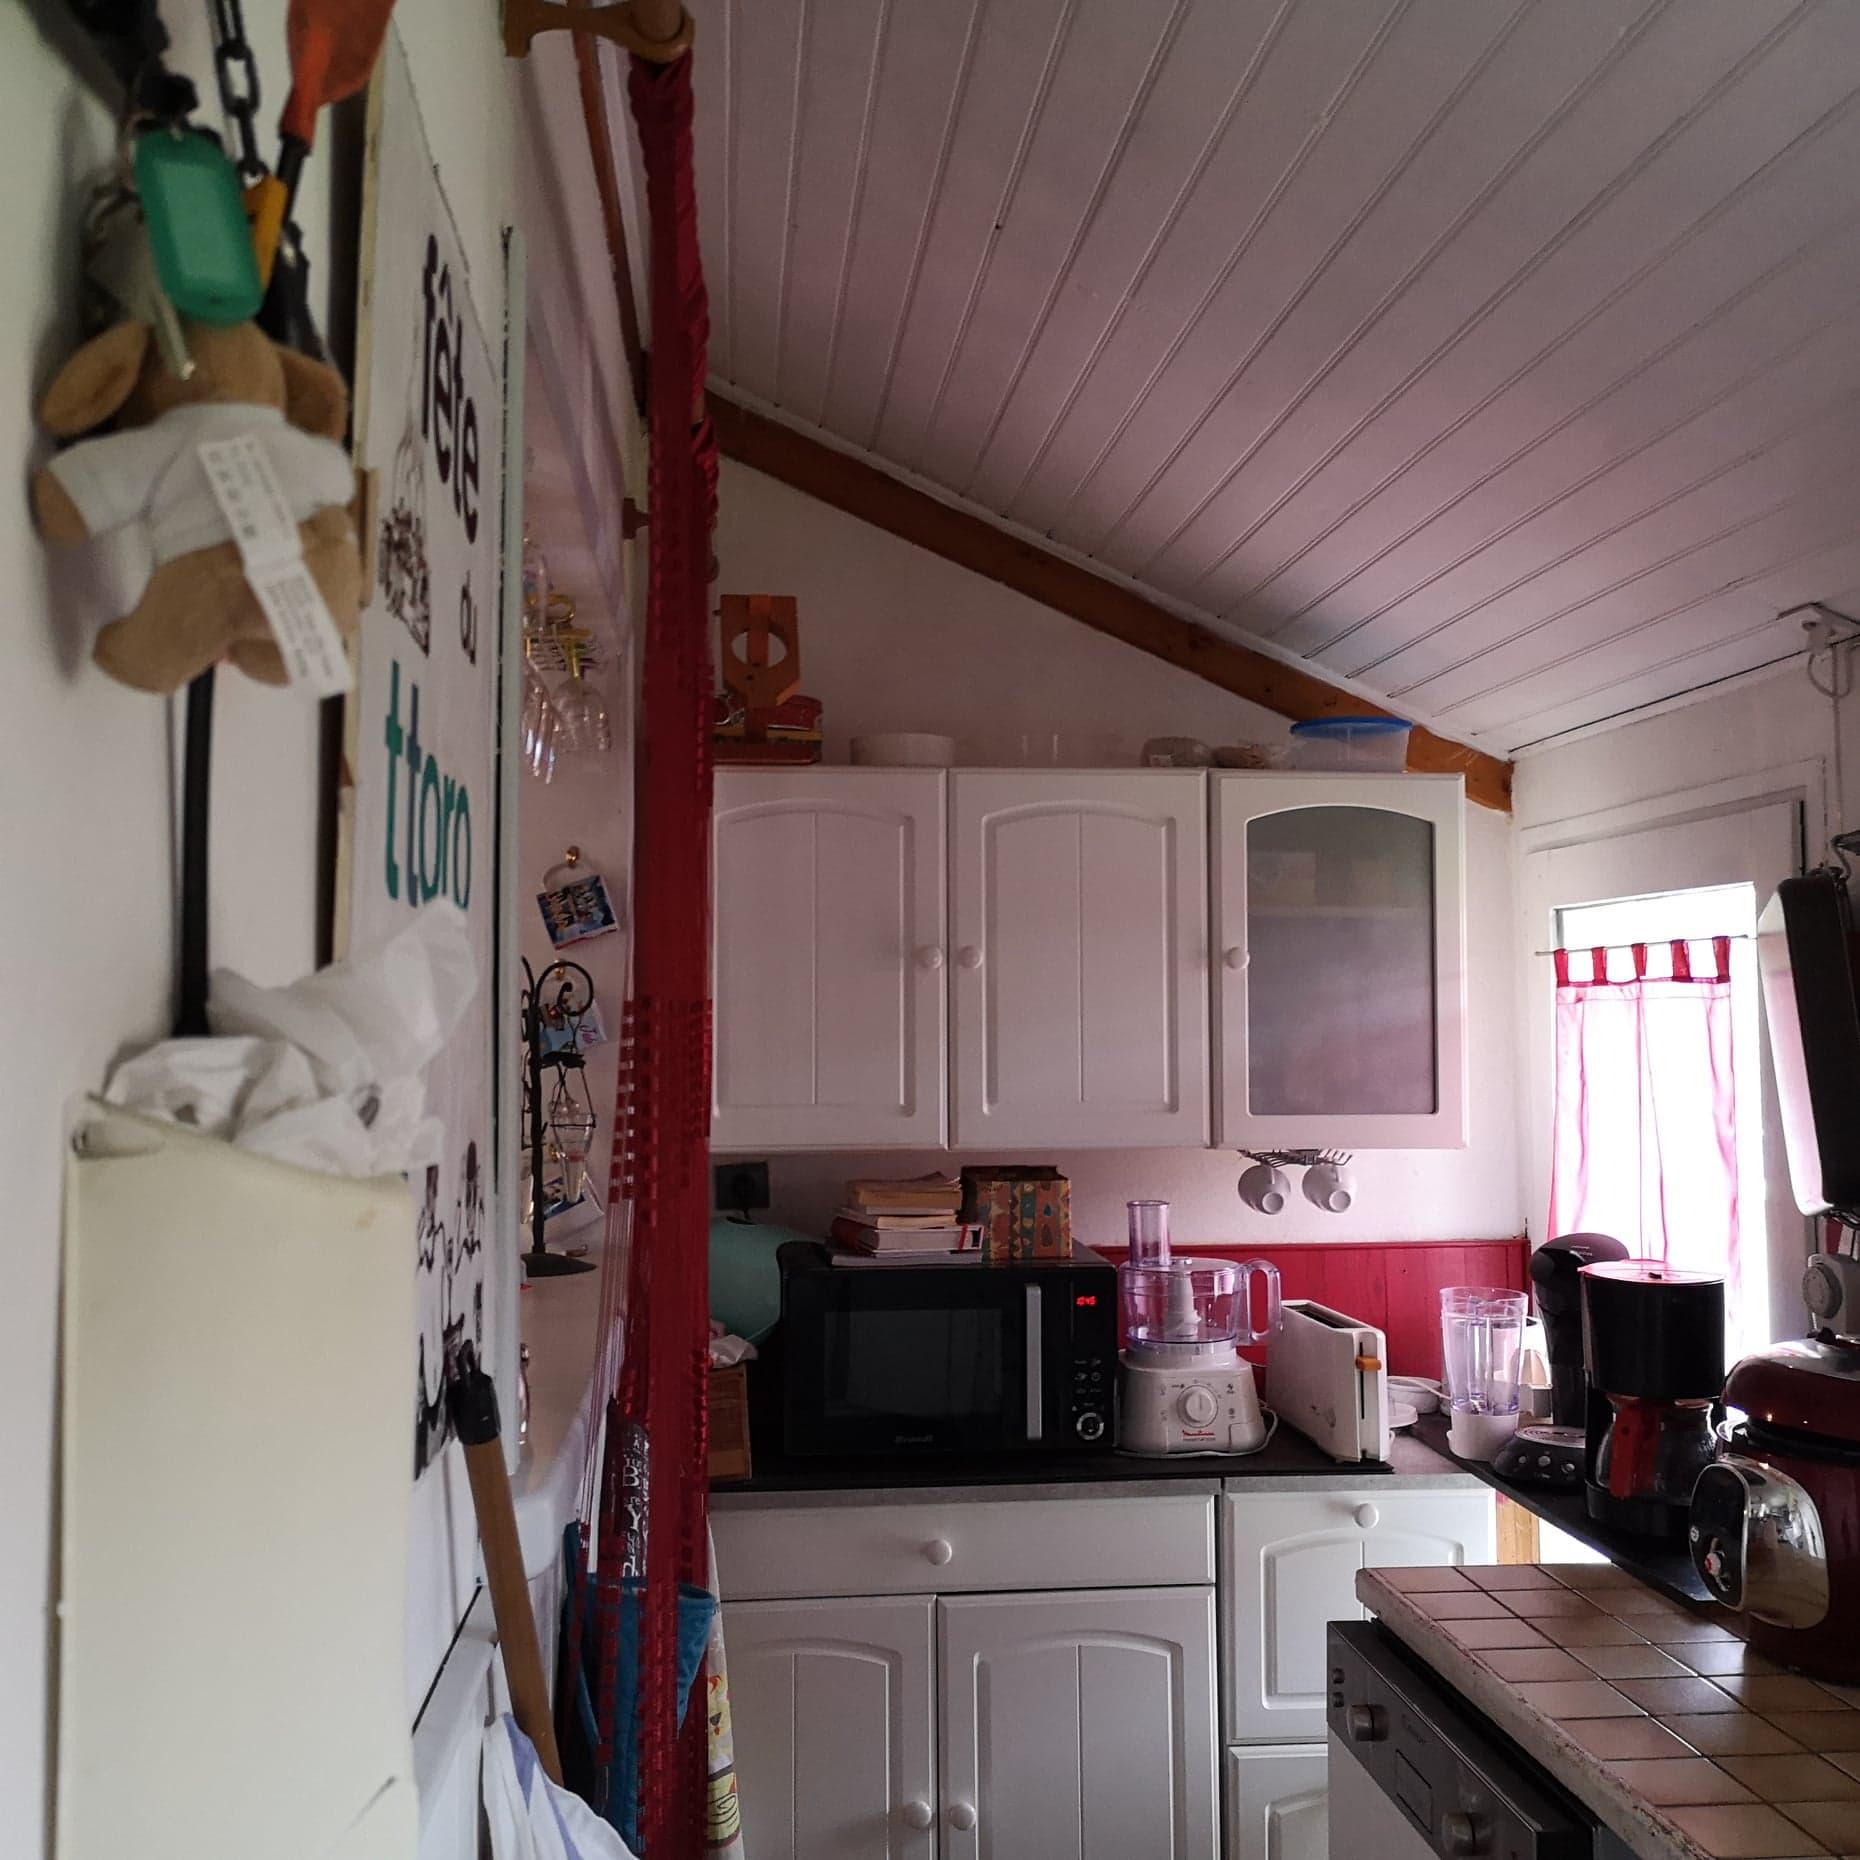 cuisine-bouscat-avant-2